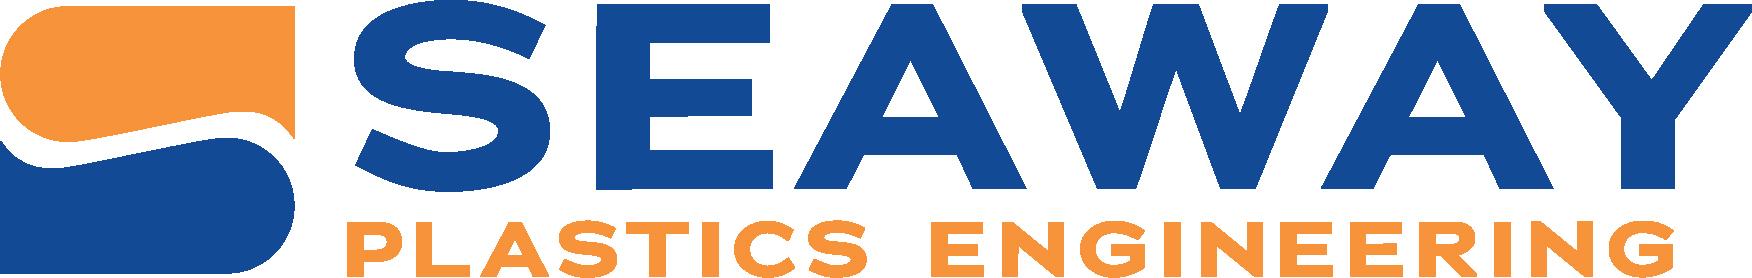 Tom orr joins seaway plastics engineering for 13 bureau ims llc